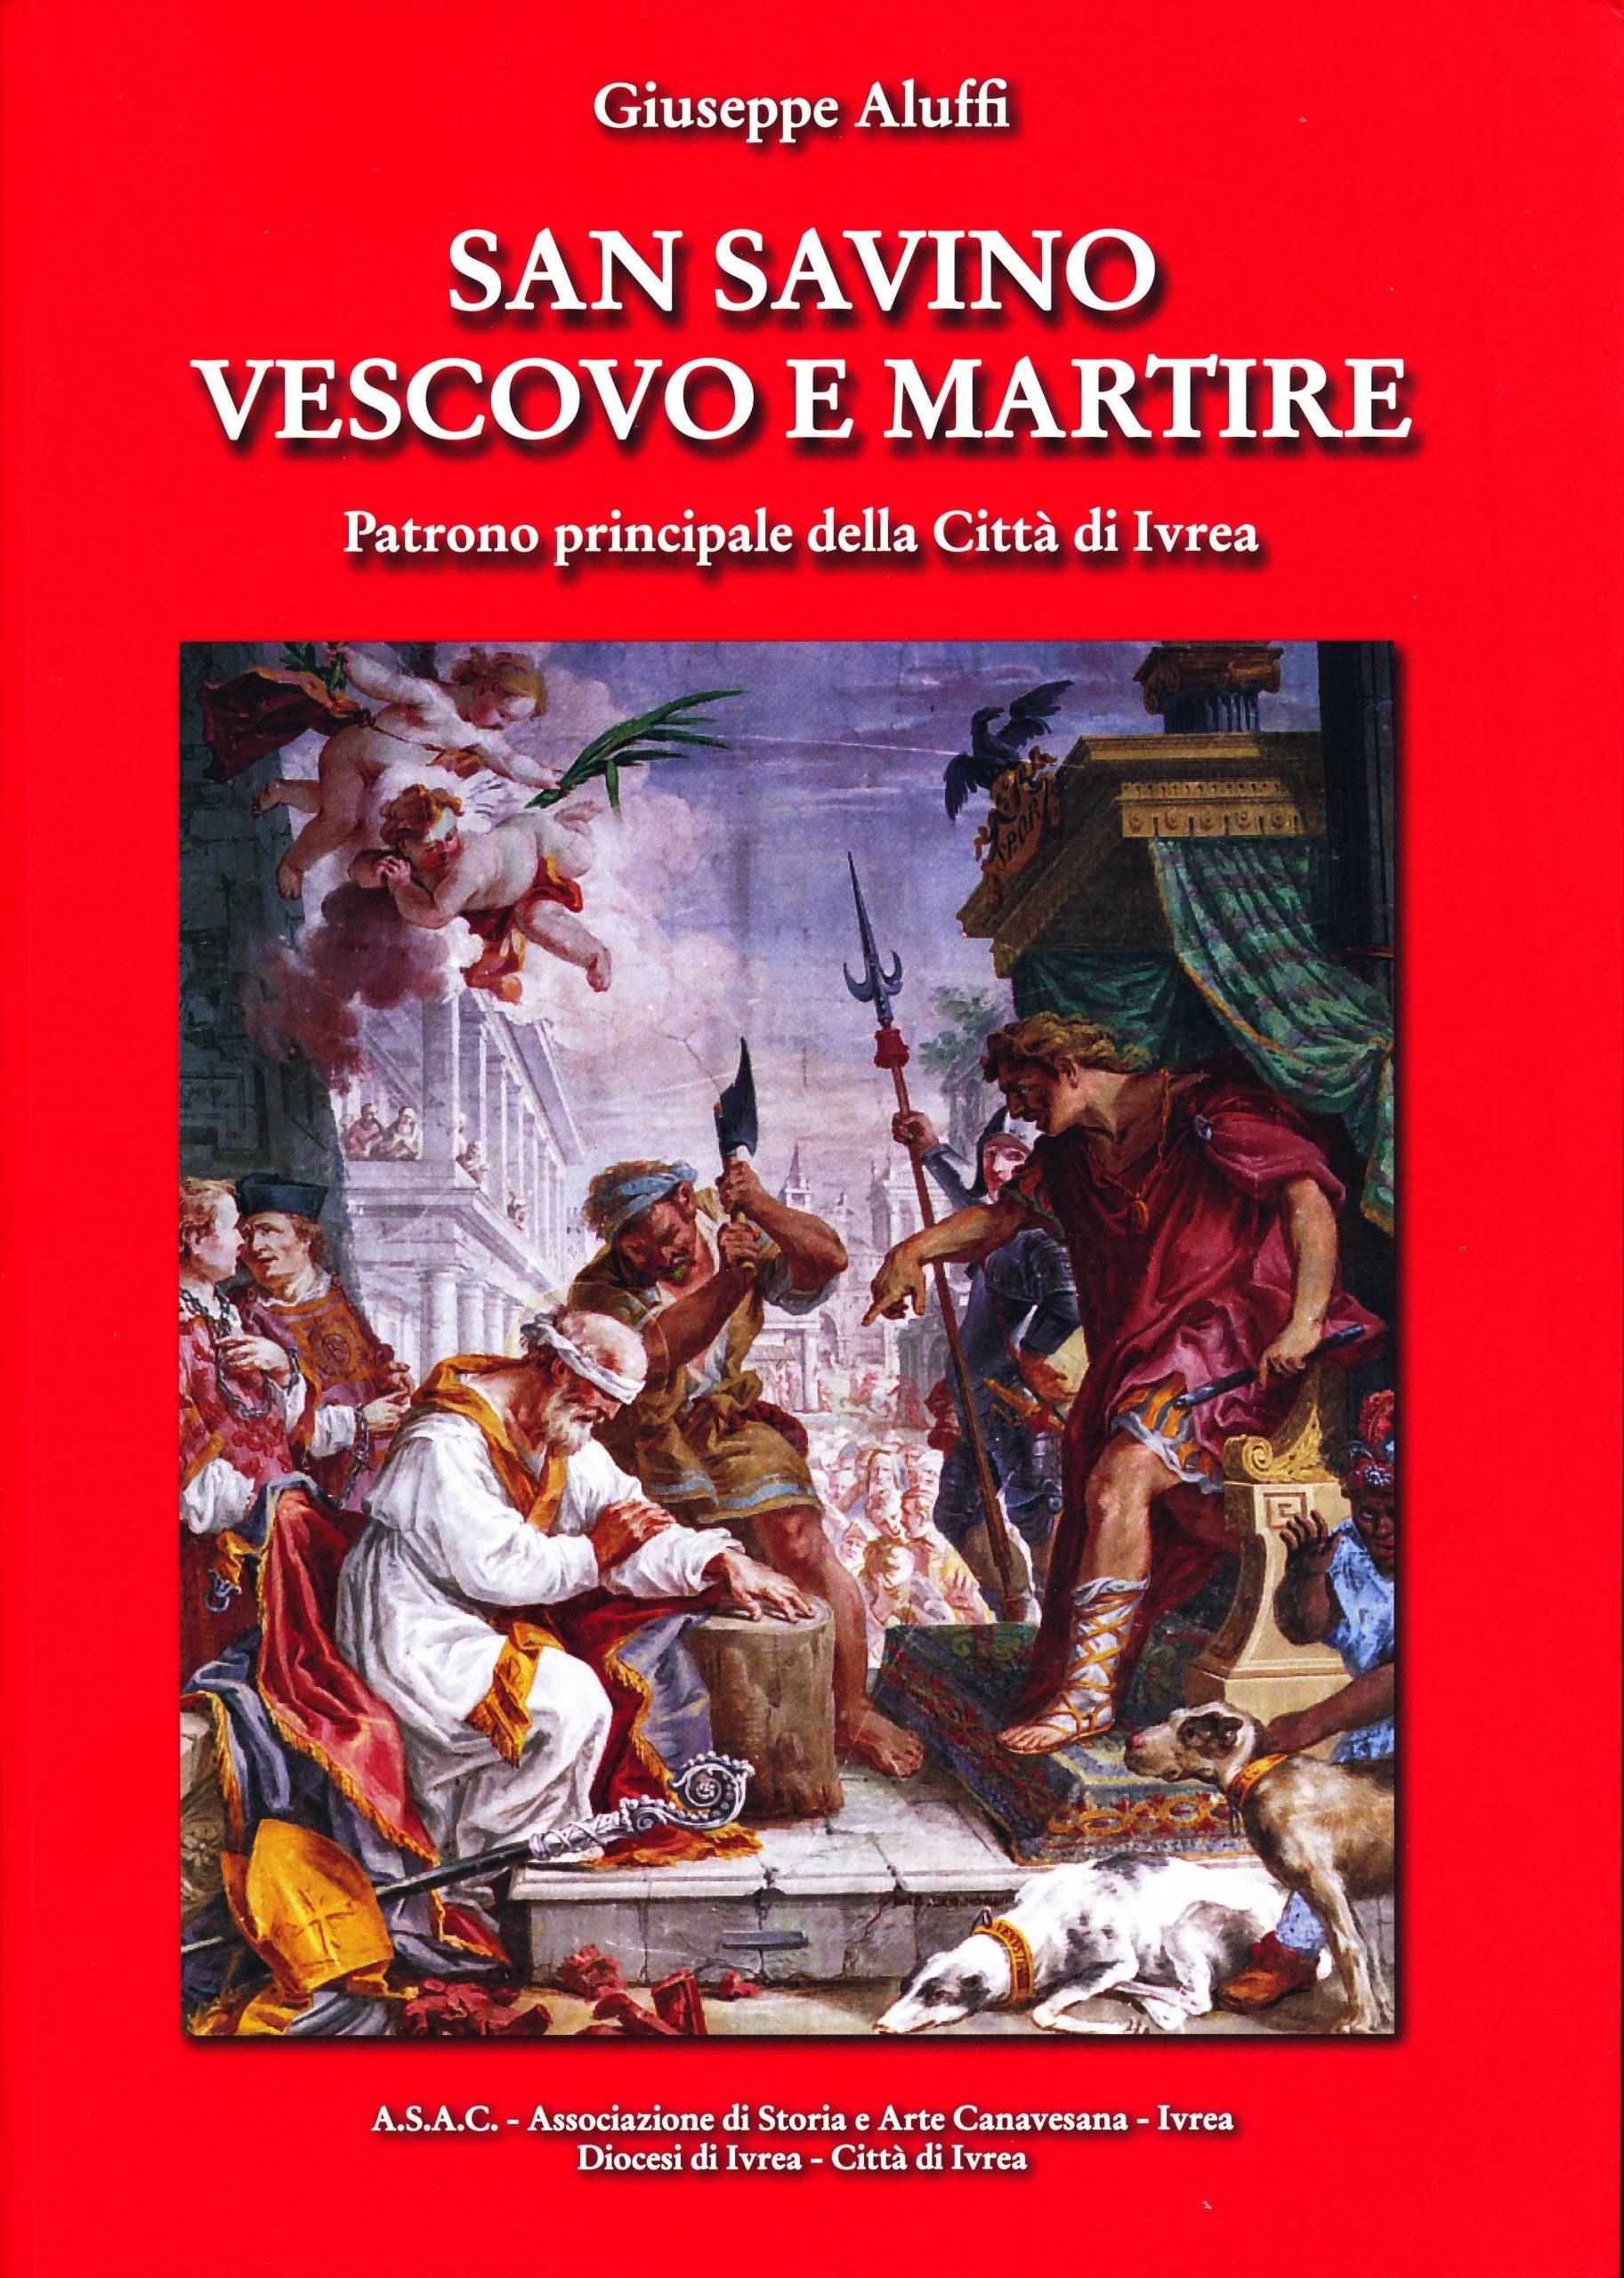 San Savino – Vescovo e Martire di Giuseppe Aluffi